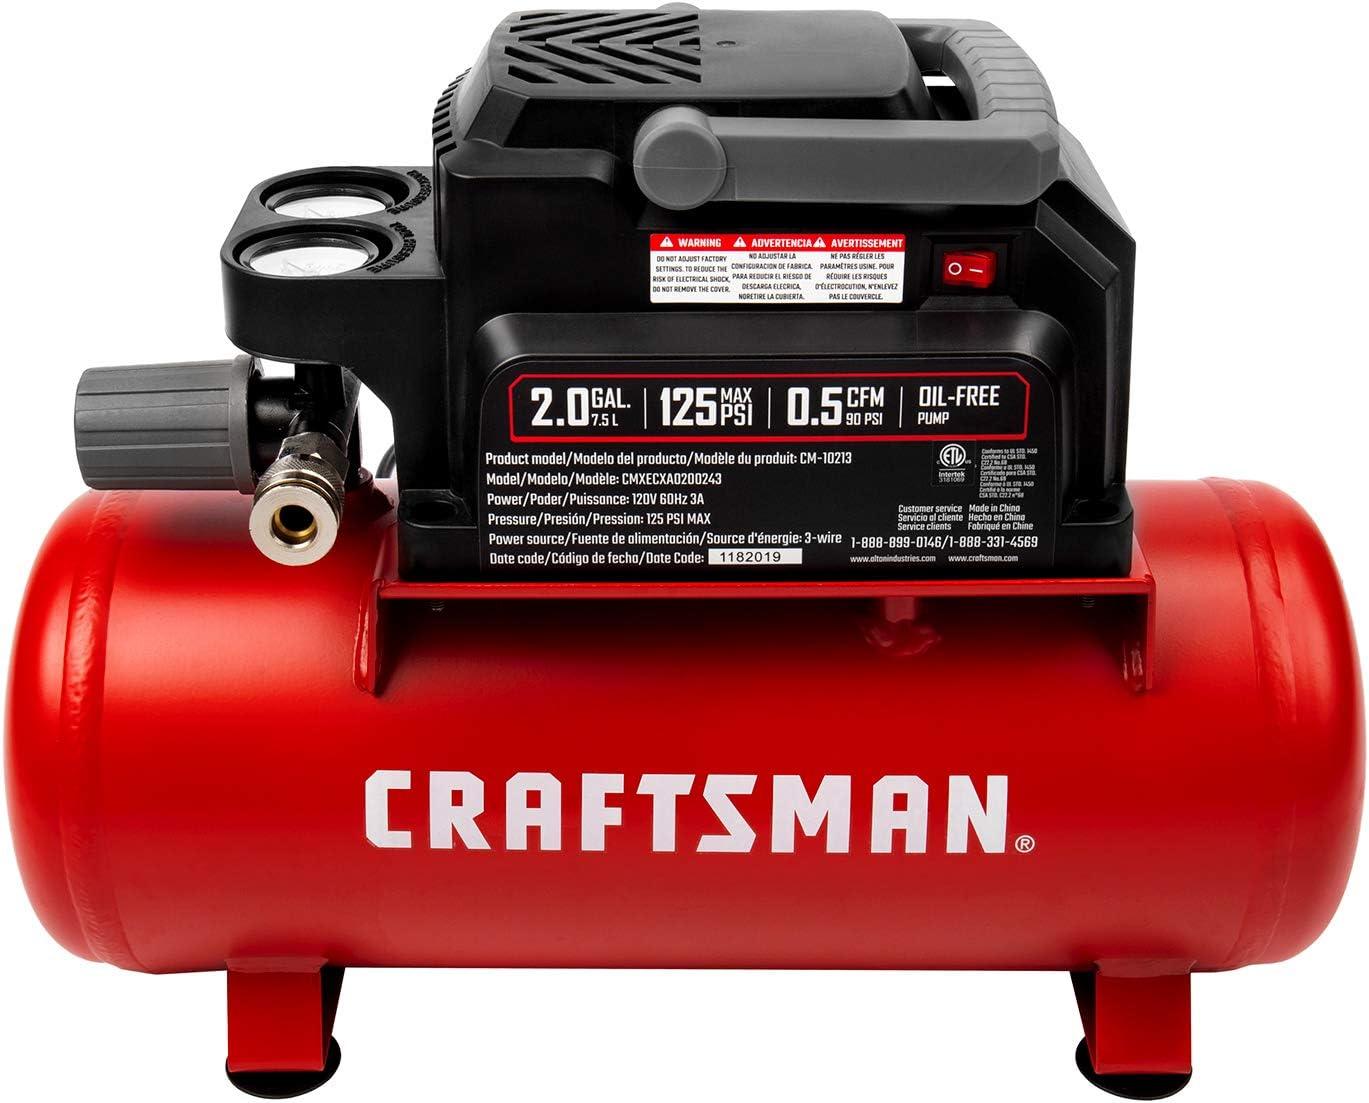 2 Gallon Portable Air Compressor 1//3 HP Oil-Free Max 125 PSI Pressure Craftsman Air Tools Hot dog Model: CMXECXA0200243